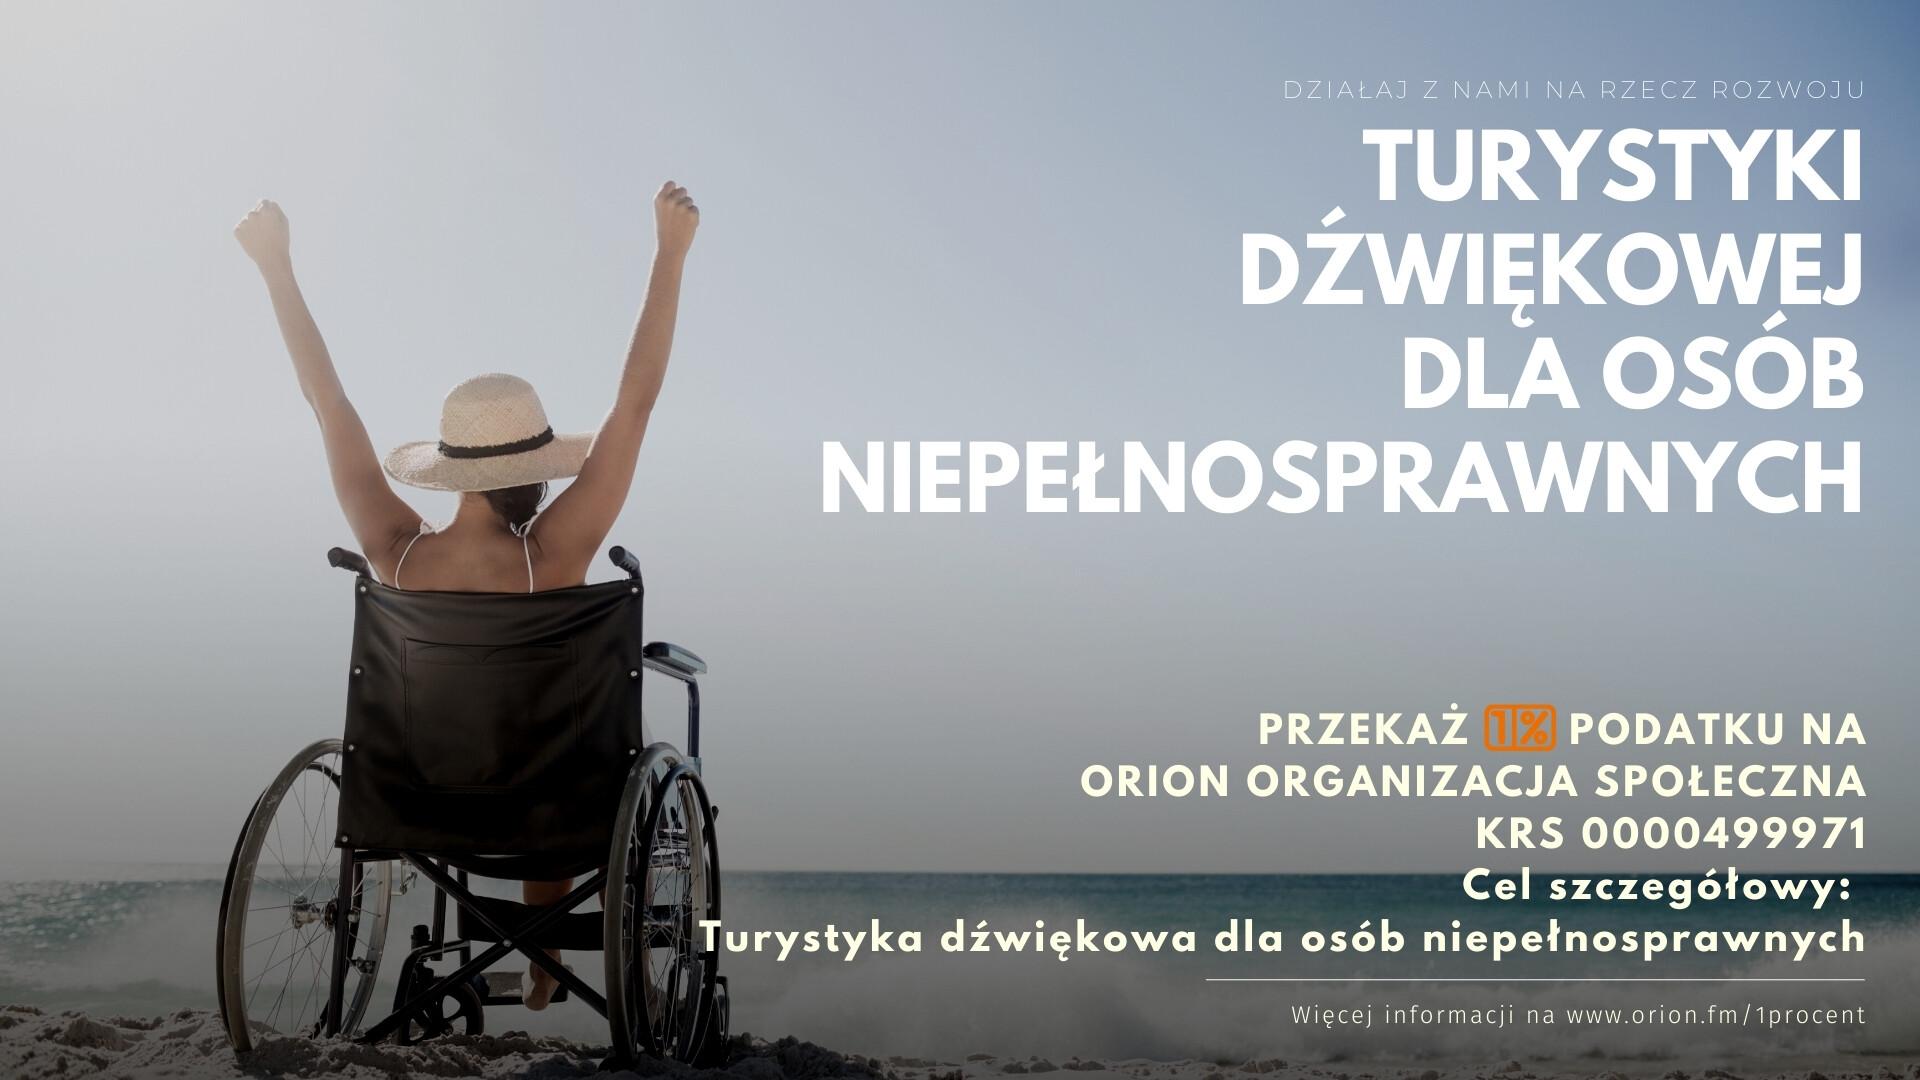 ORION 1% TURYSTYKA DŹWIĘKOWA 2